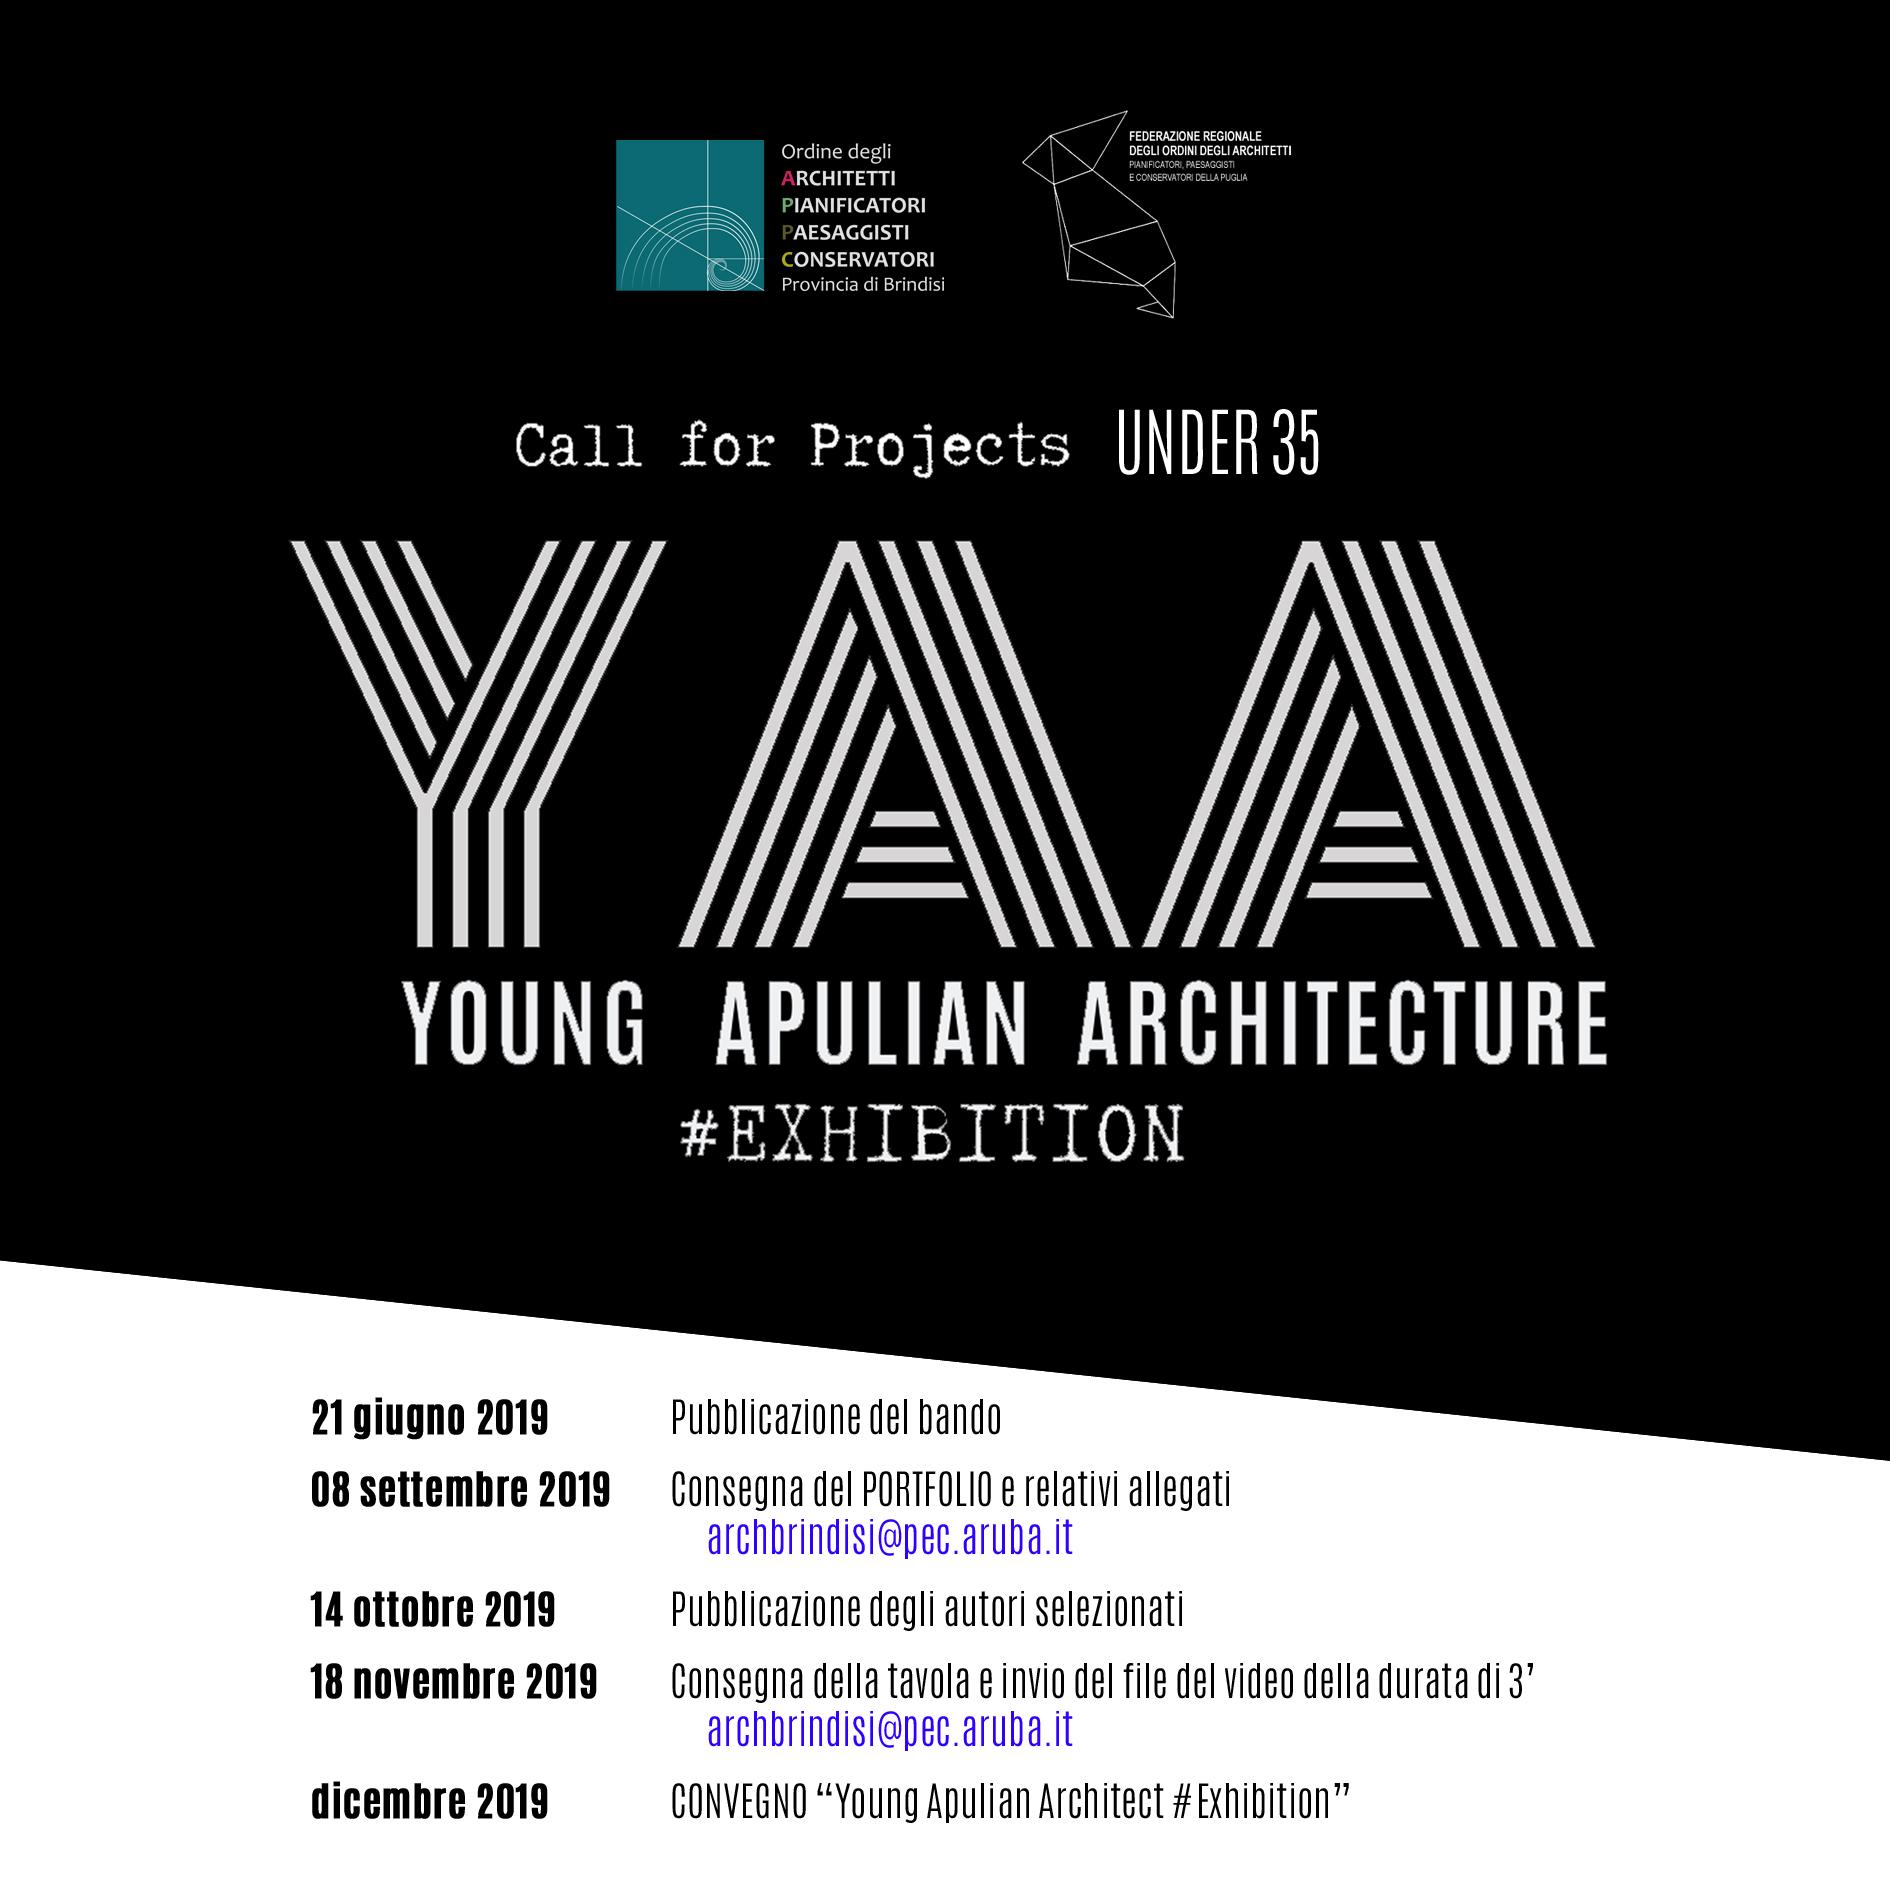 Albo Architetti Messina prorogati i termini fino al 15 luglio. l'ordine di brindisi